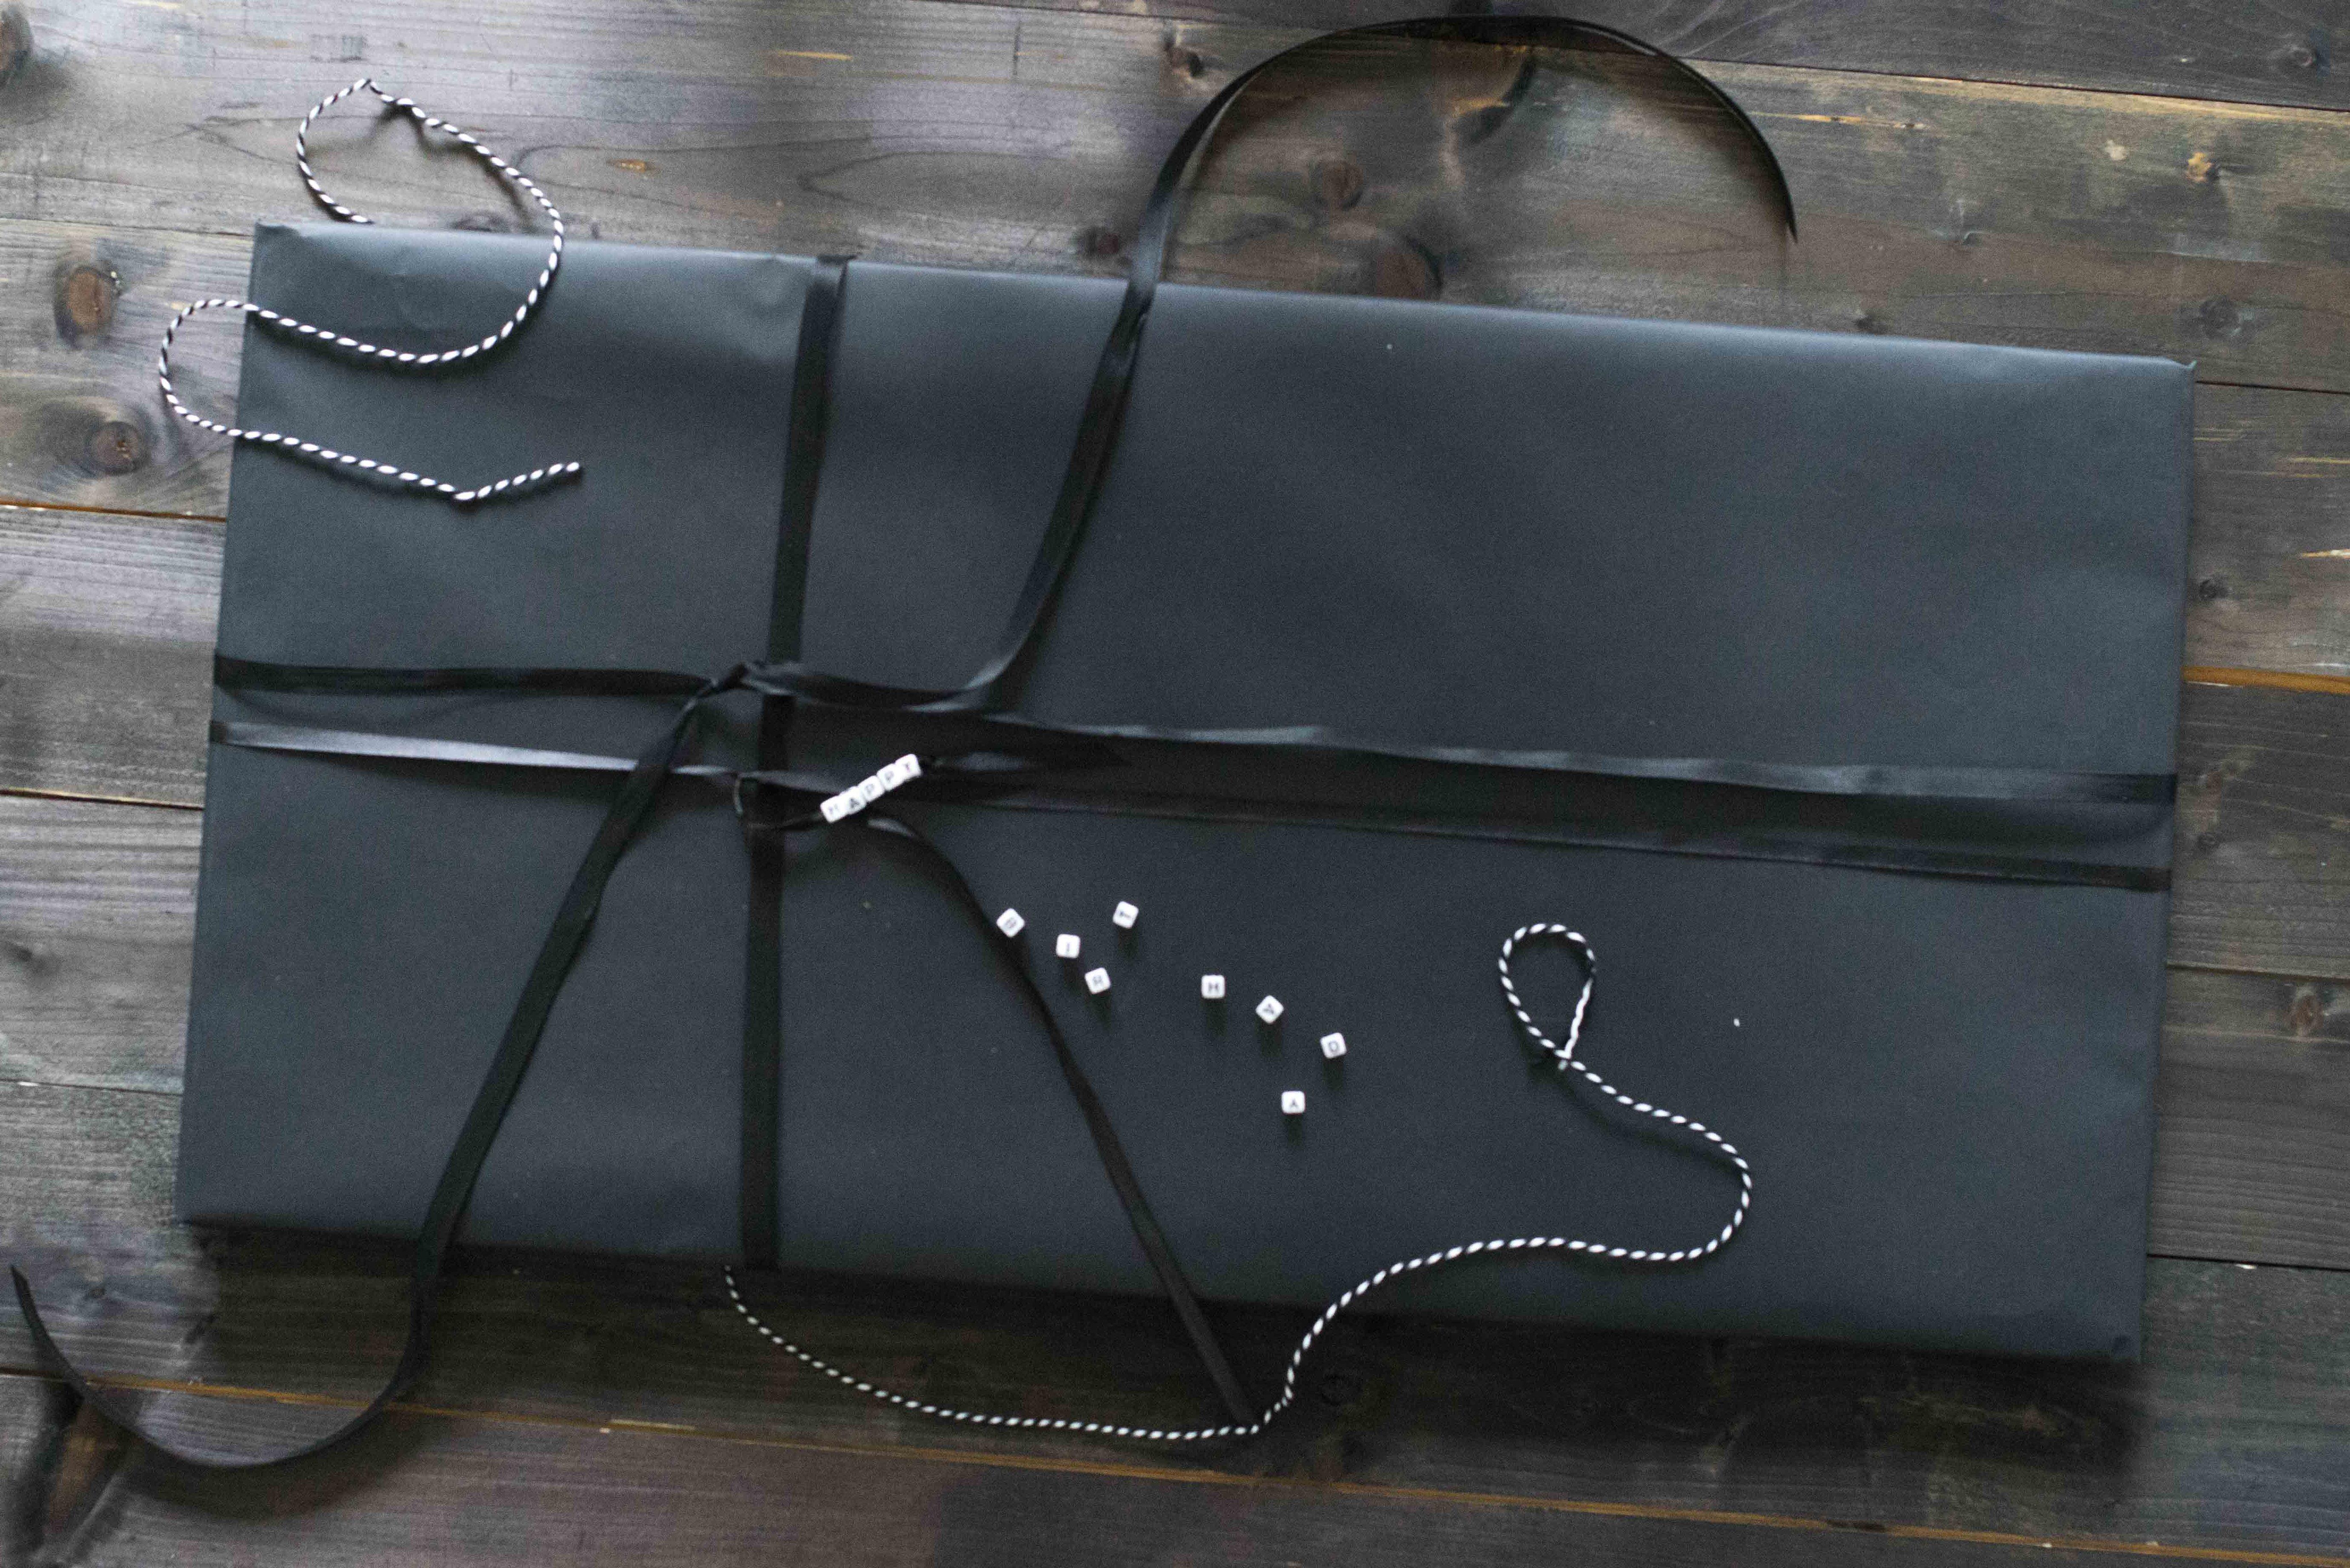 geschenk für Männer Notebooktisch Labtop von Radbag Geschenkidee Mann Freund Bruder